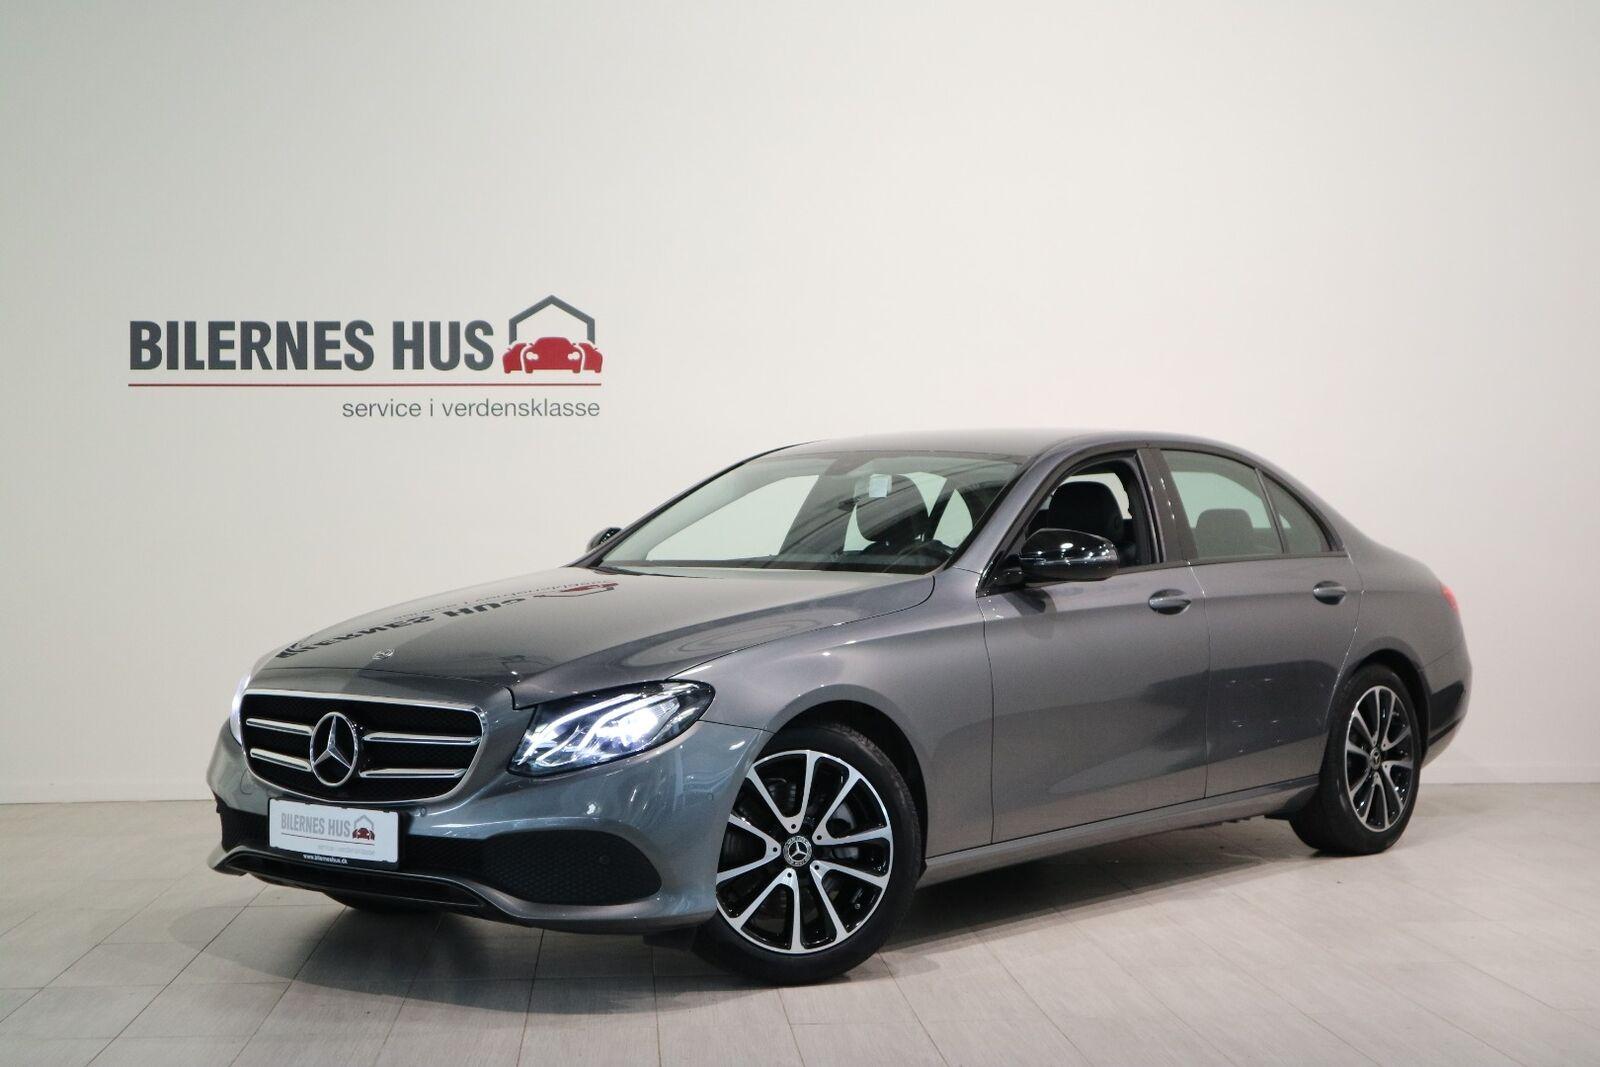 Mercedes E220 d Billede 0